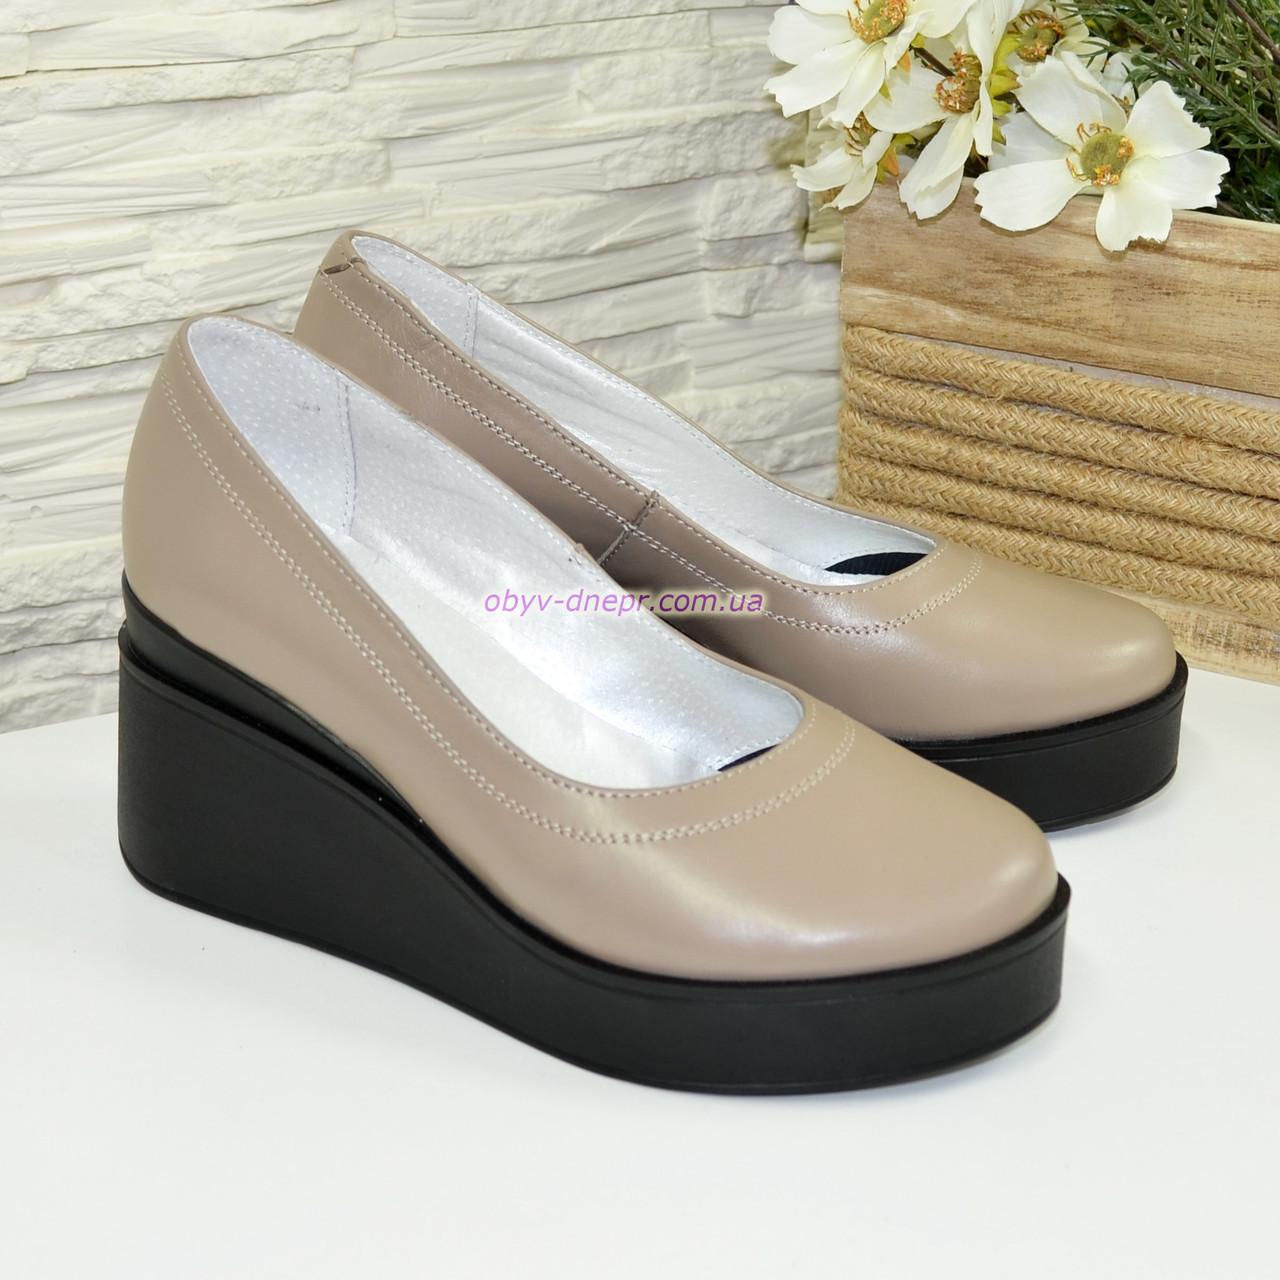 Женские кожаные туфли на устойчивой платформе, цвет визон